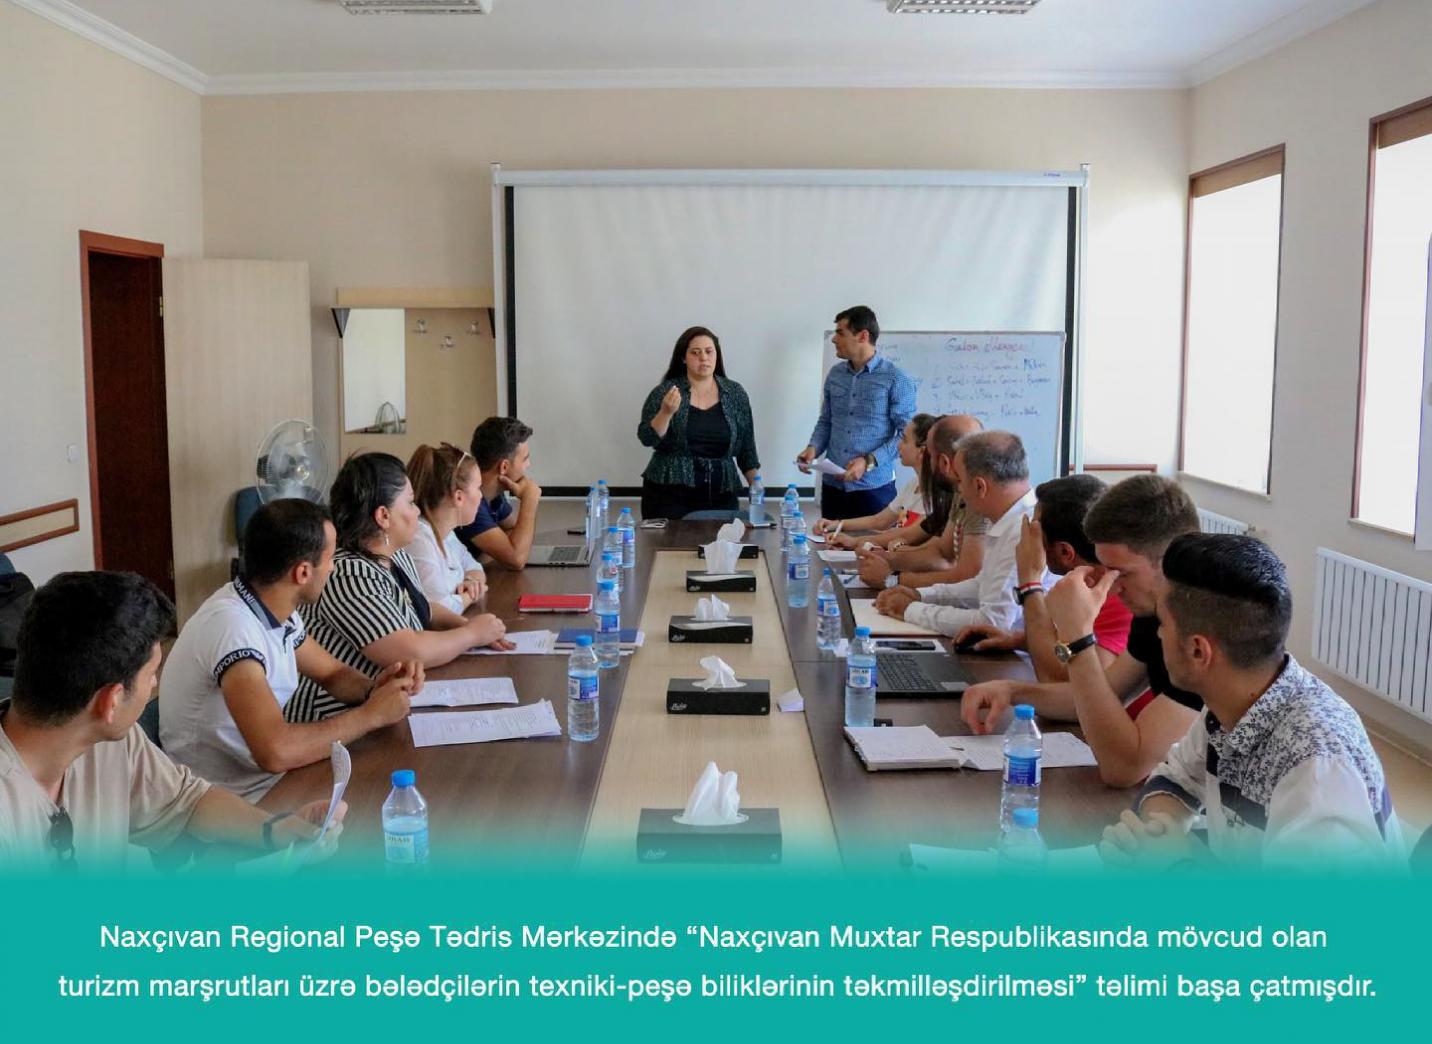 Naxçıvan Muxtar Respublikasında tematik marşrutlar üzrə turizm bələdçilərinin təlimi